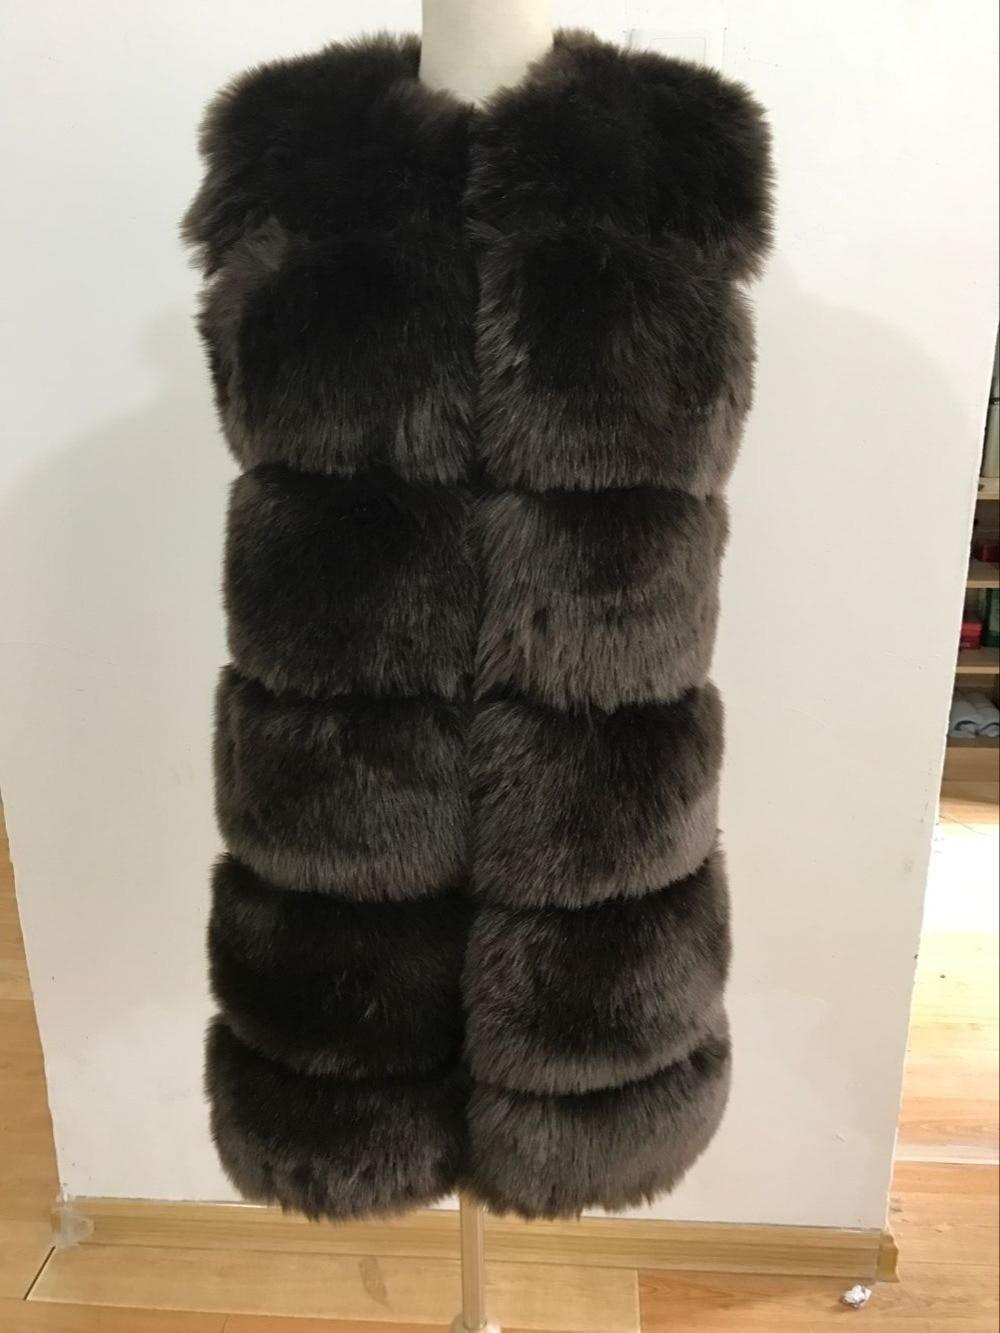 Nouveauté 2018 hiver chaud marque de mode femmes fausse fourrure gilet fausse fourrure manteau fourrure de renard gilet Colete Feminino grande taille S-3XL